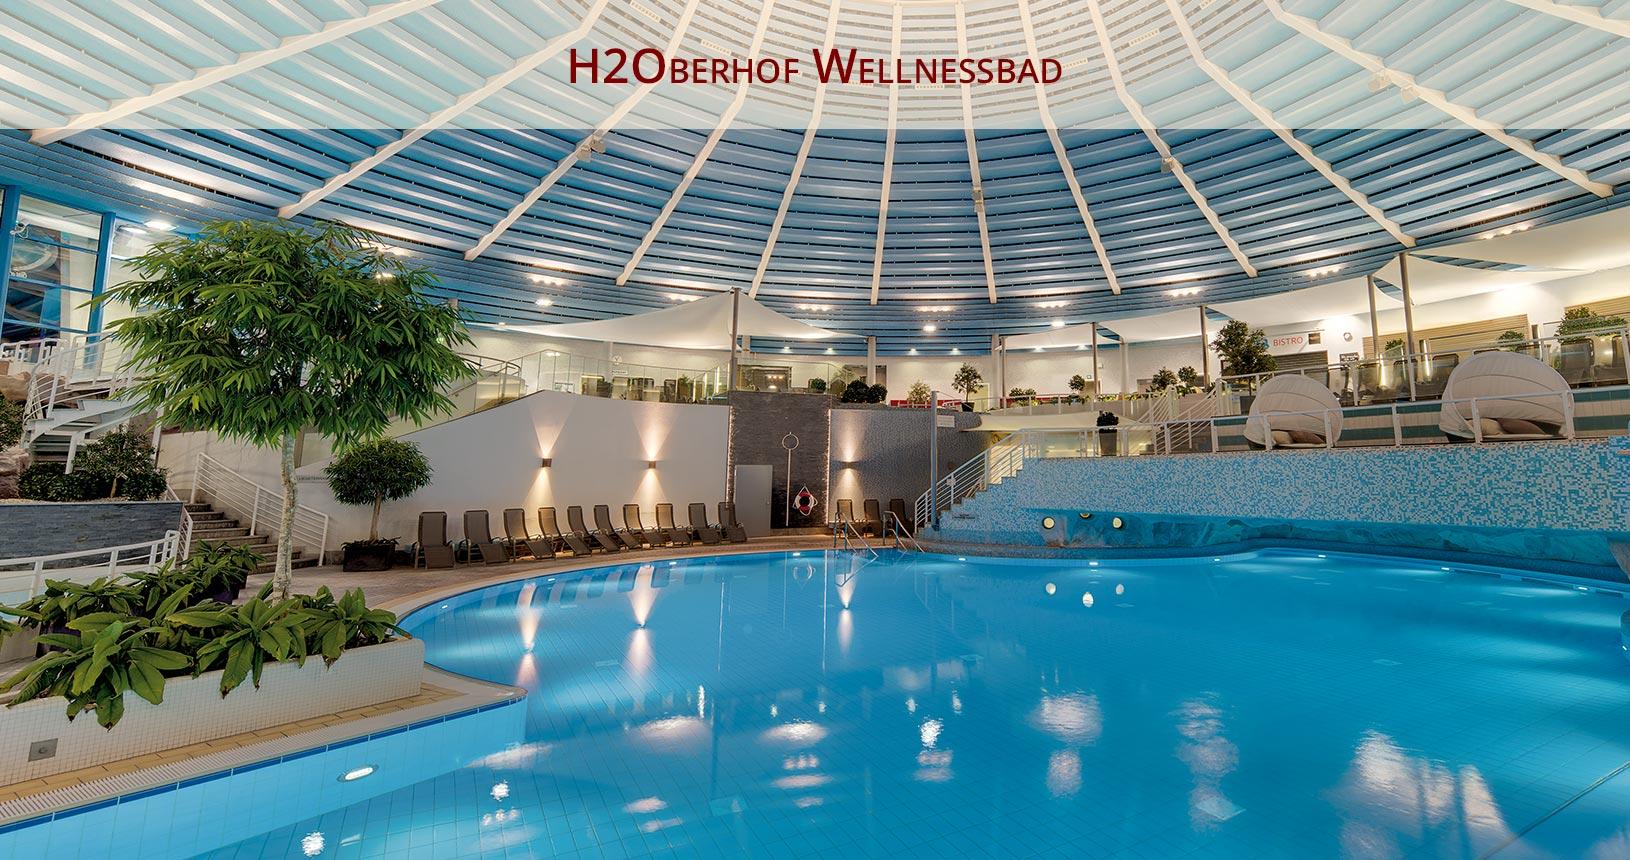 H2Oberhof Wellnessbad, Schwimmbad für den Paarurlaub